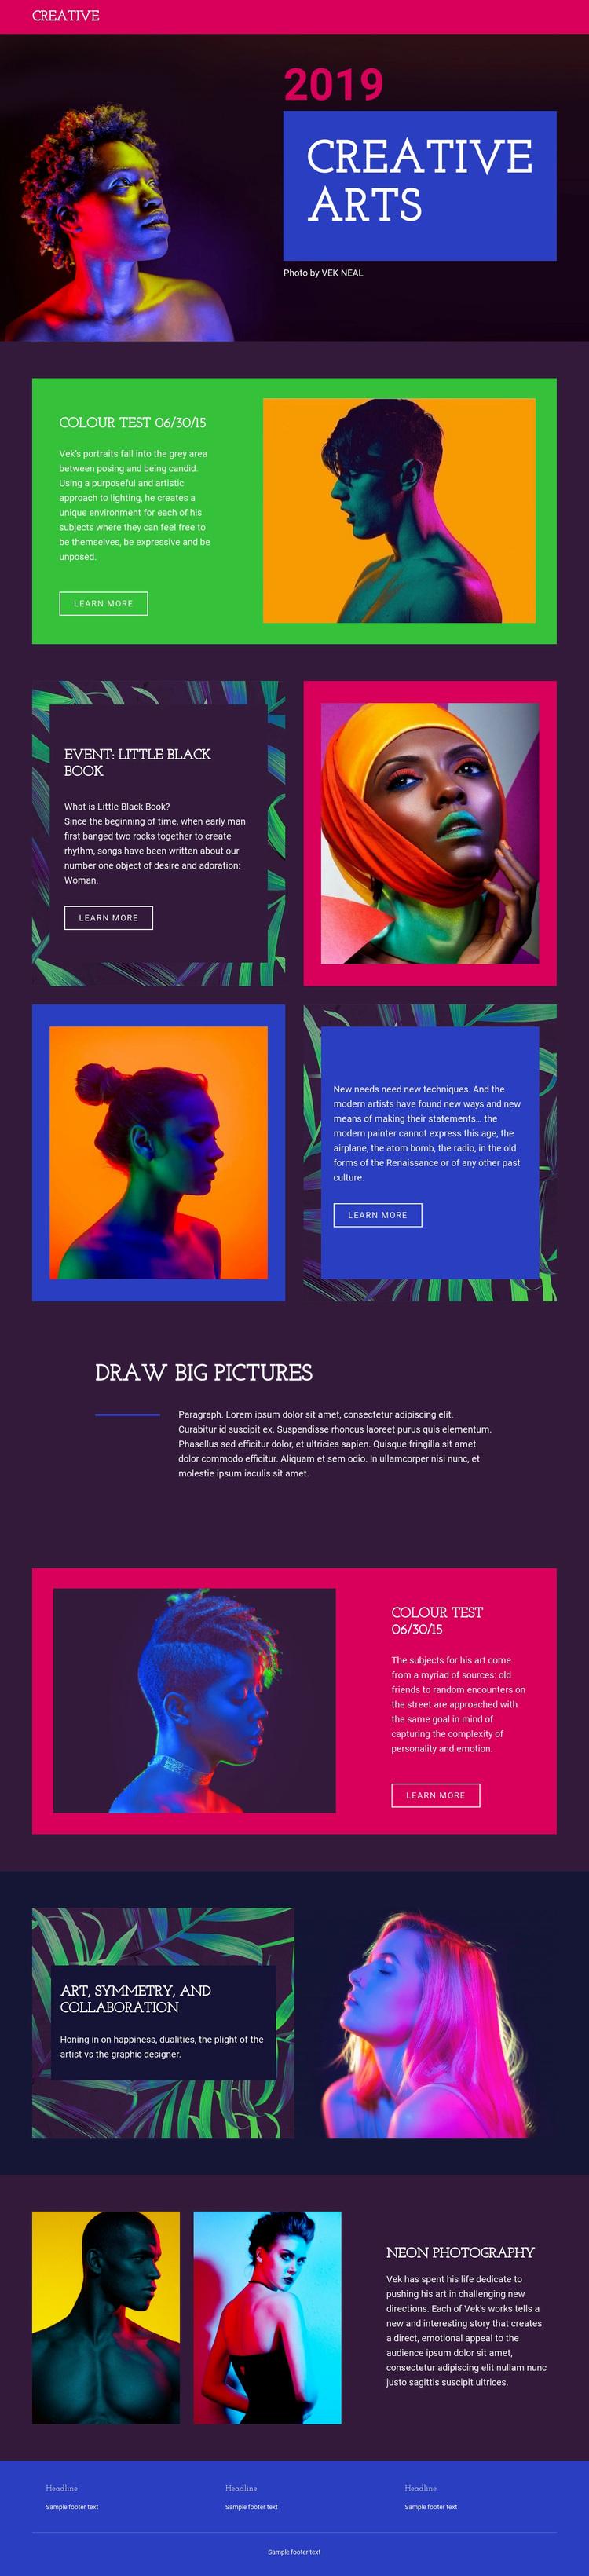 Creative Arts Web Page Designer